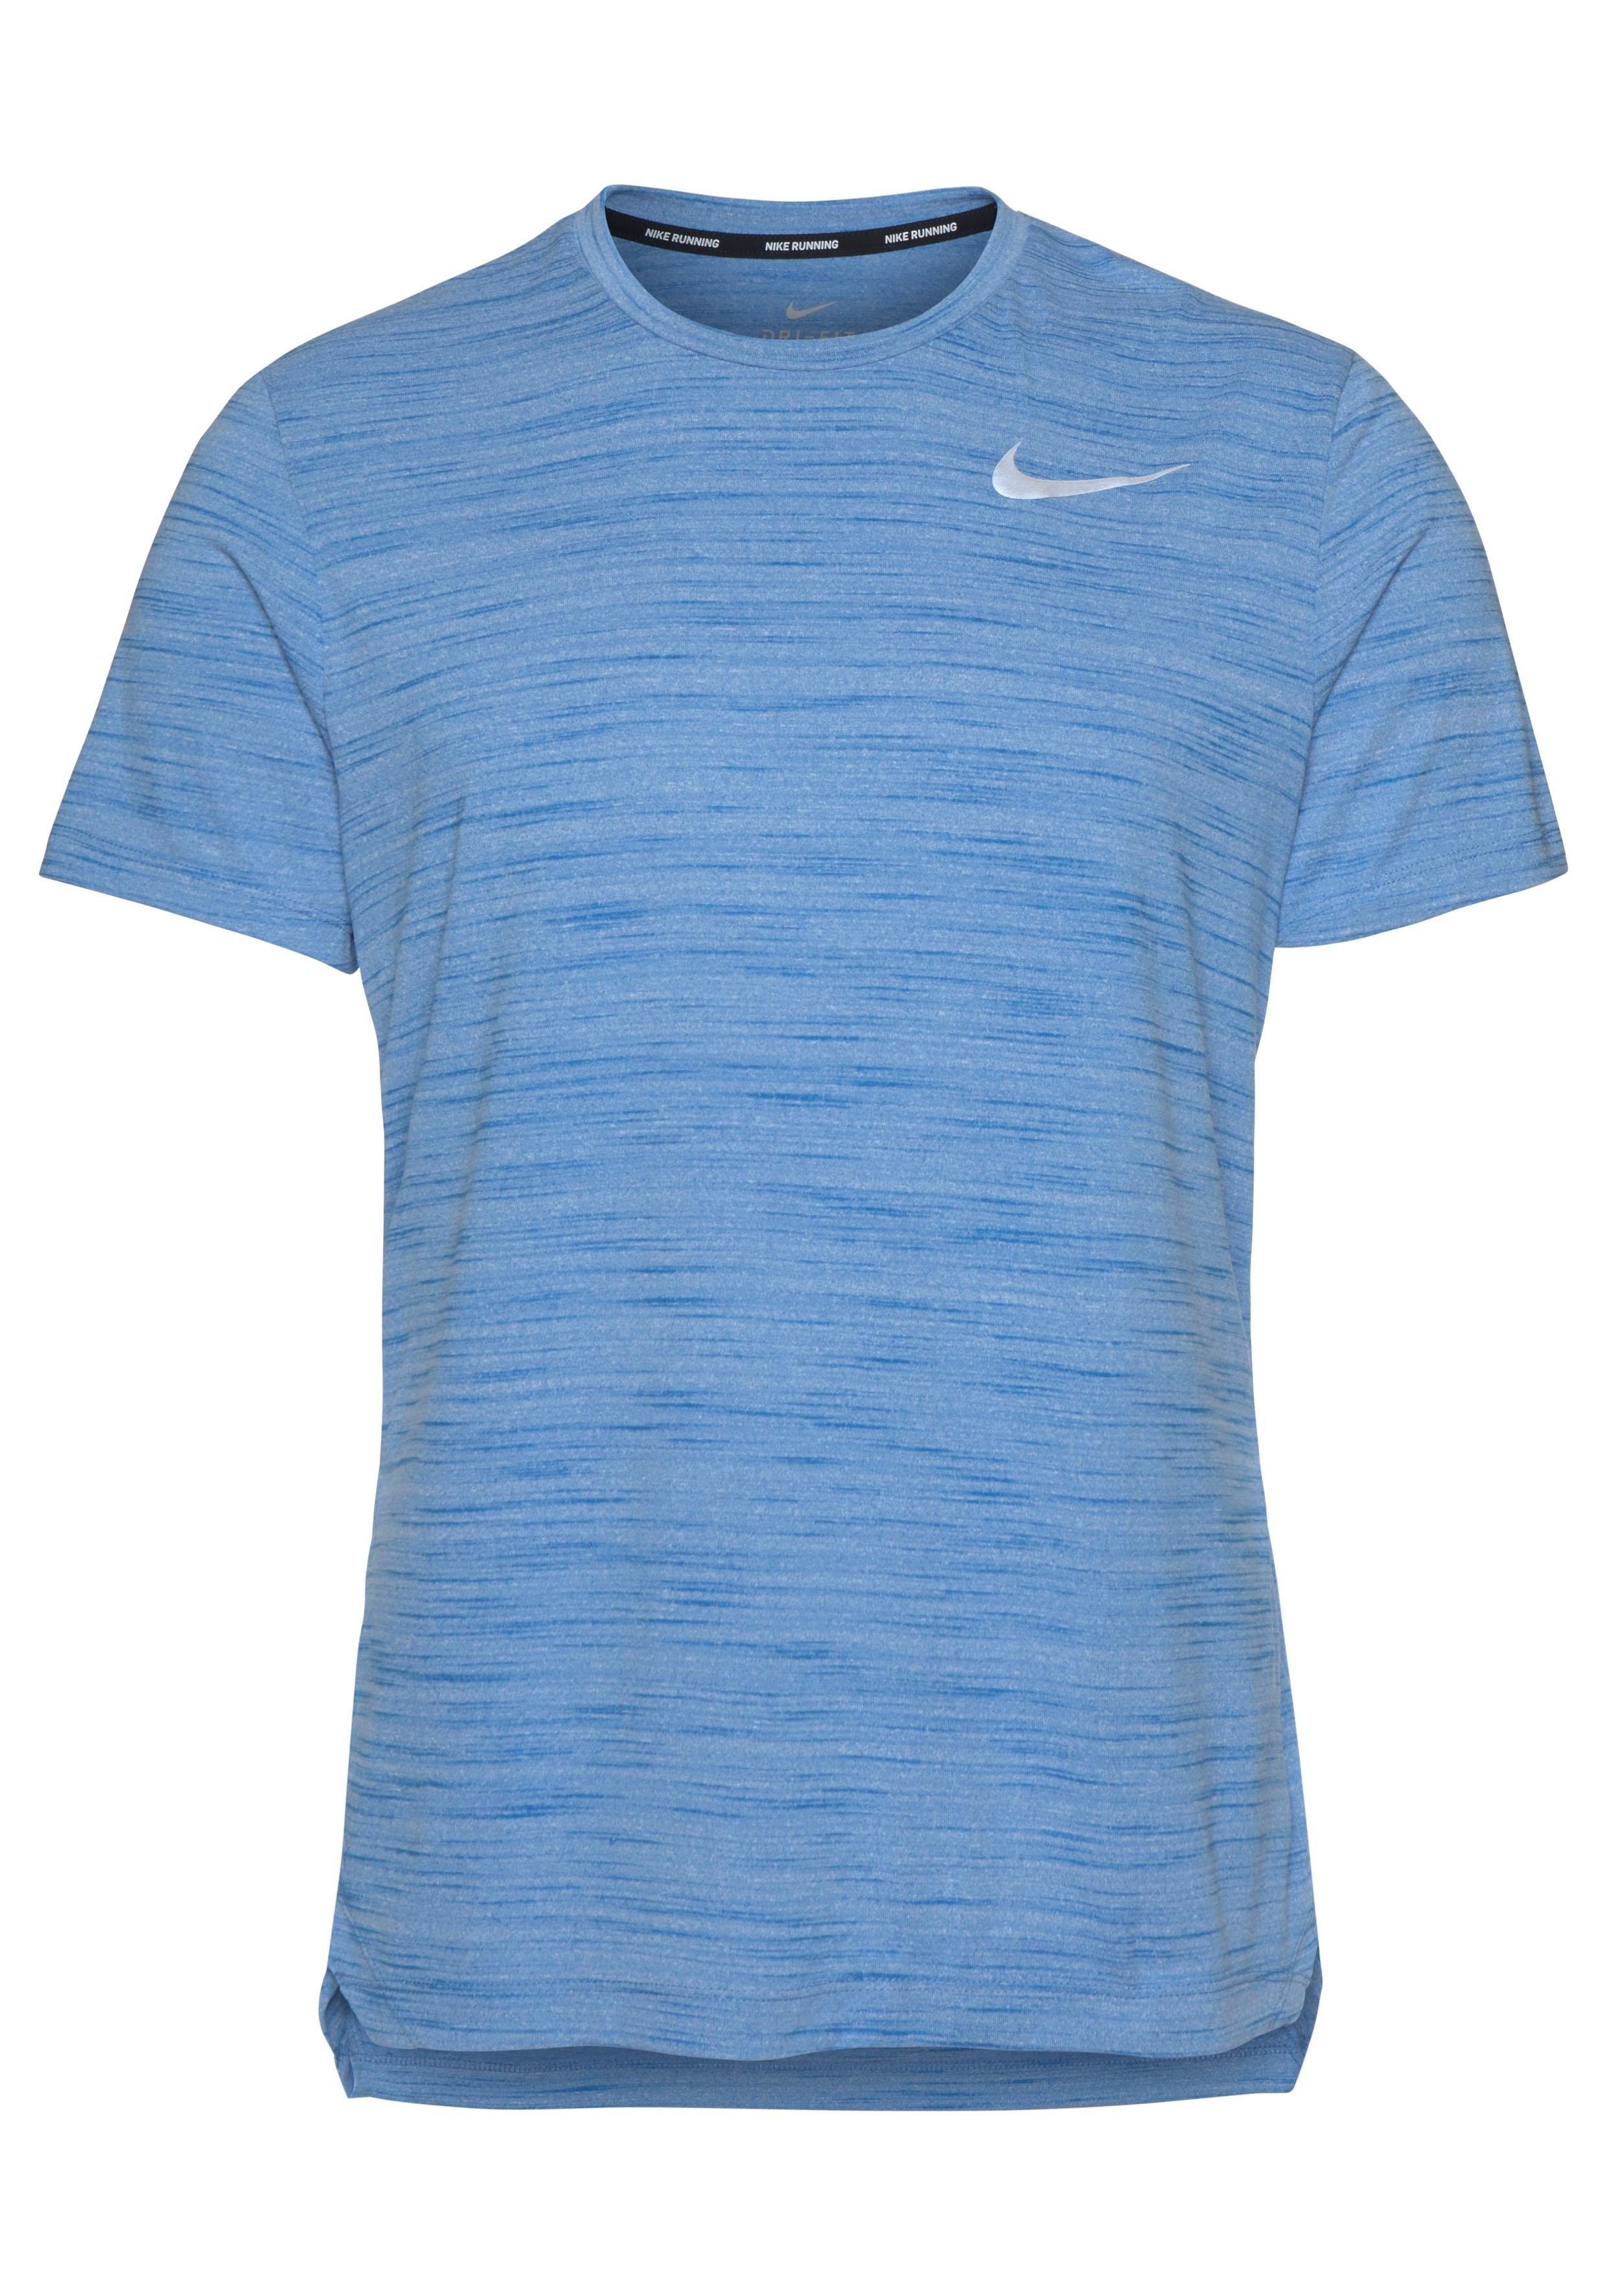 Online 2 Essential 0 Nu Runningshirtm Bestellen Miler Nike Nk nkw0OP